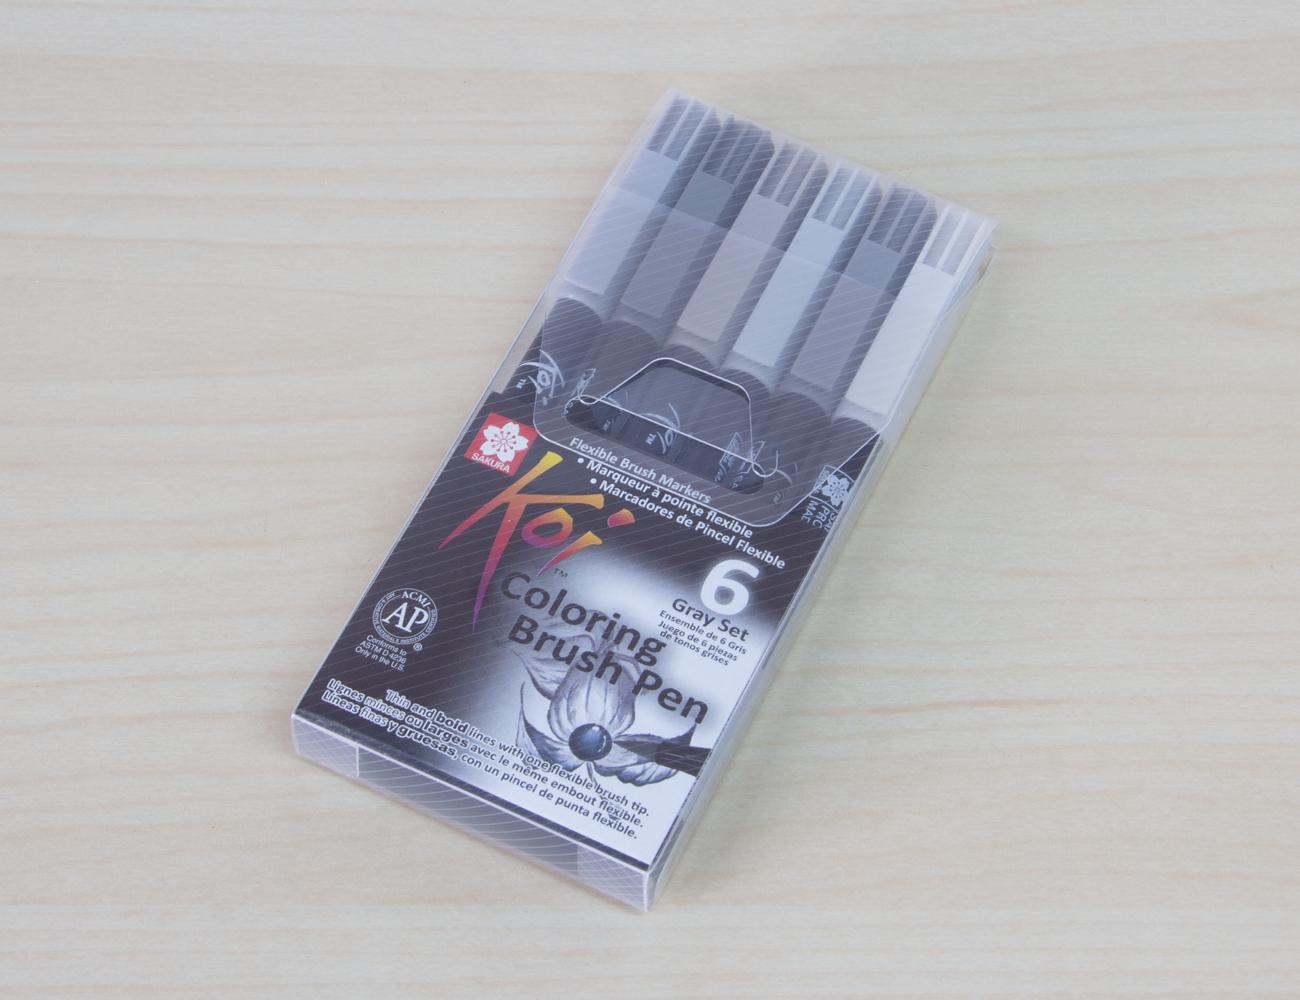 Sakura KOI Coloring Brush Pen (XBR-6-Grey-Set)